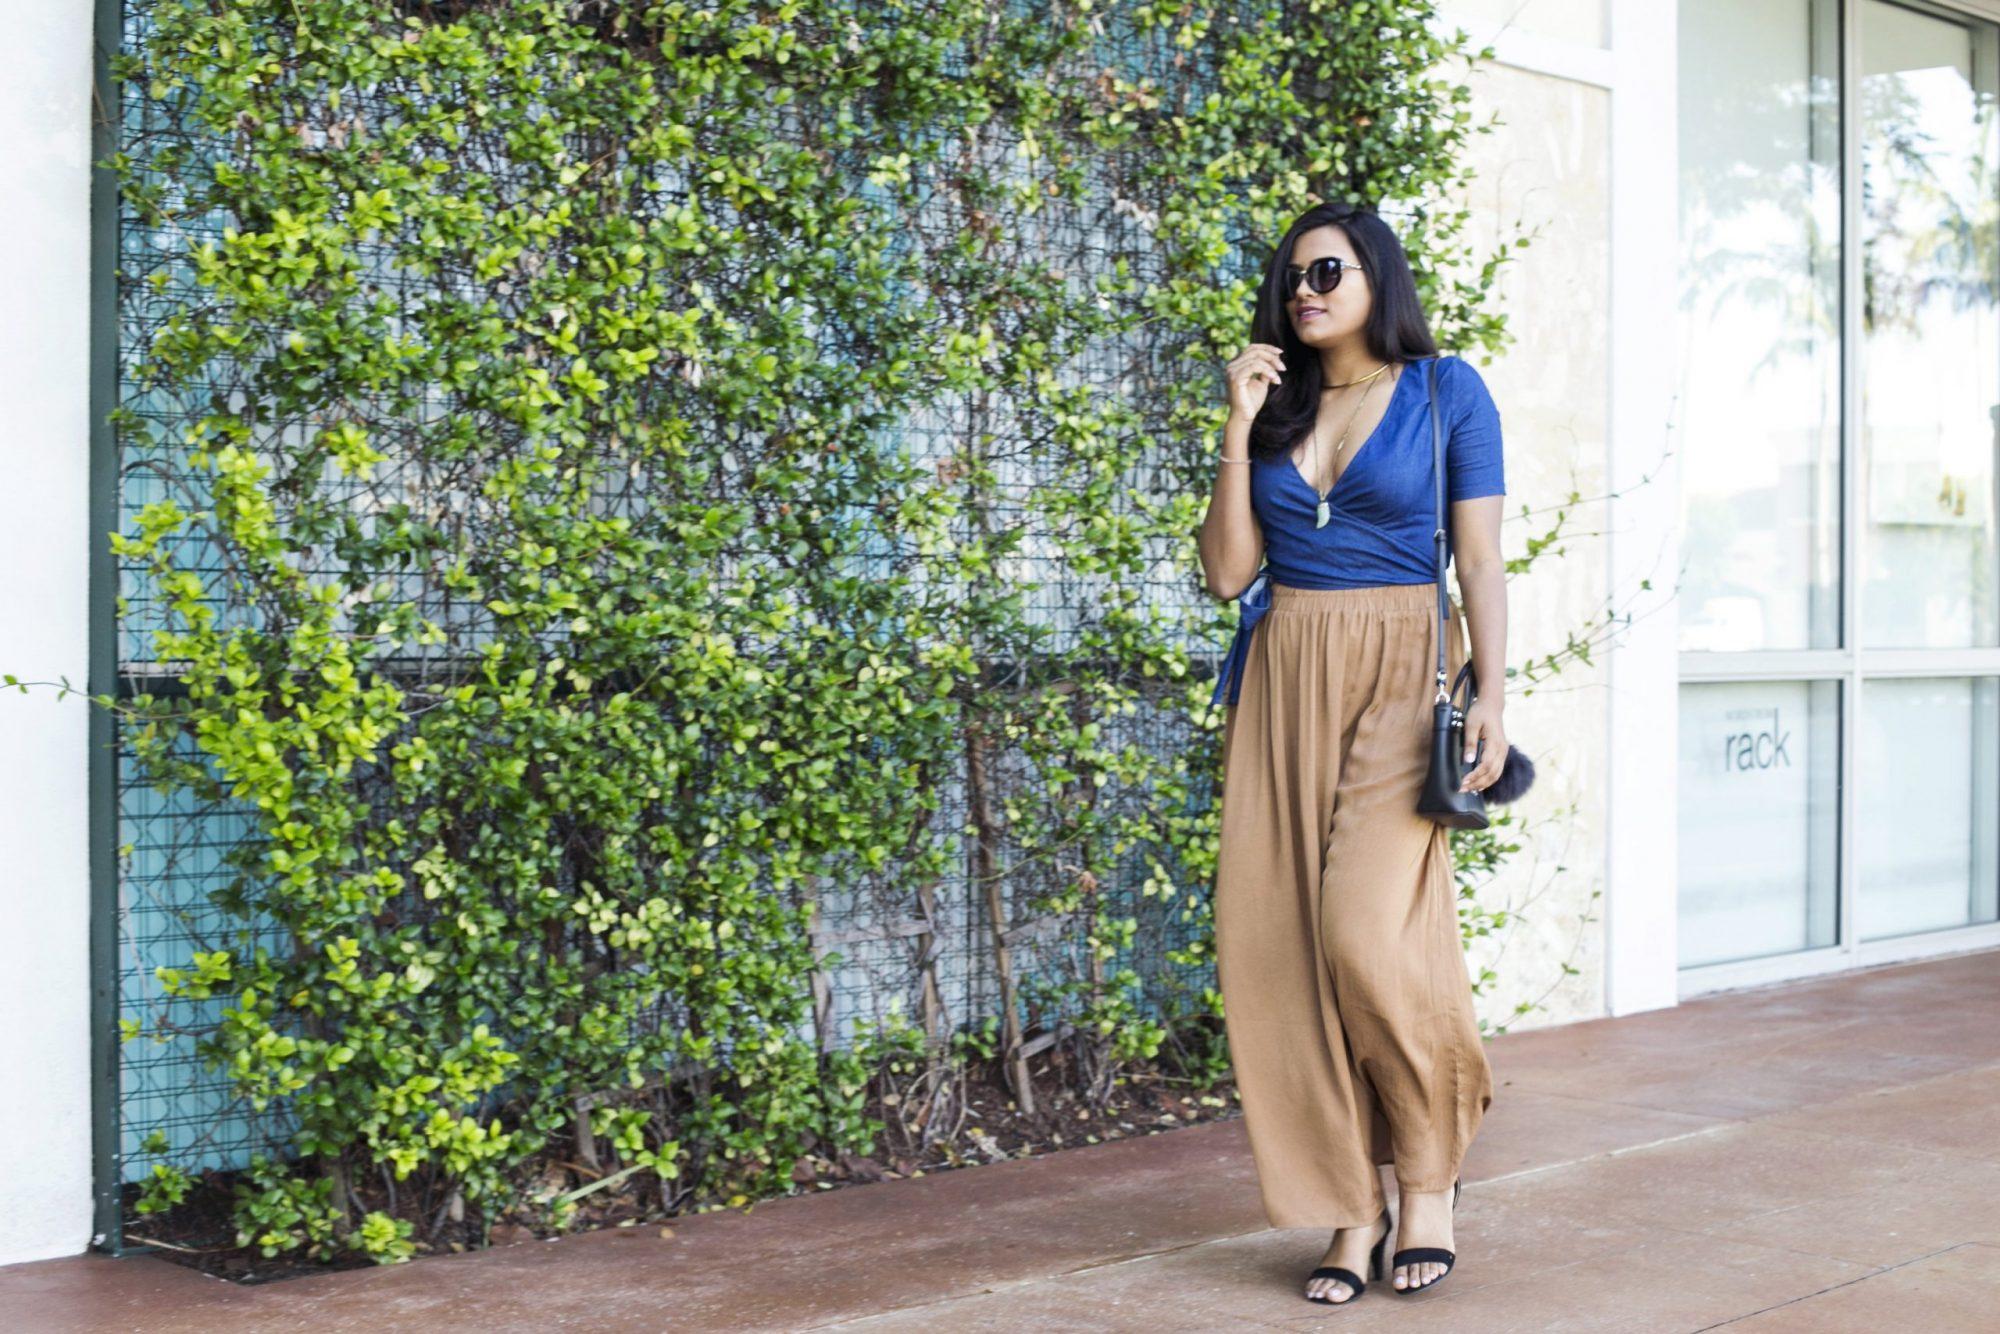 afroza-khan-miami-lifestyle-blogger